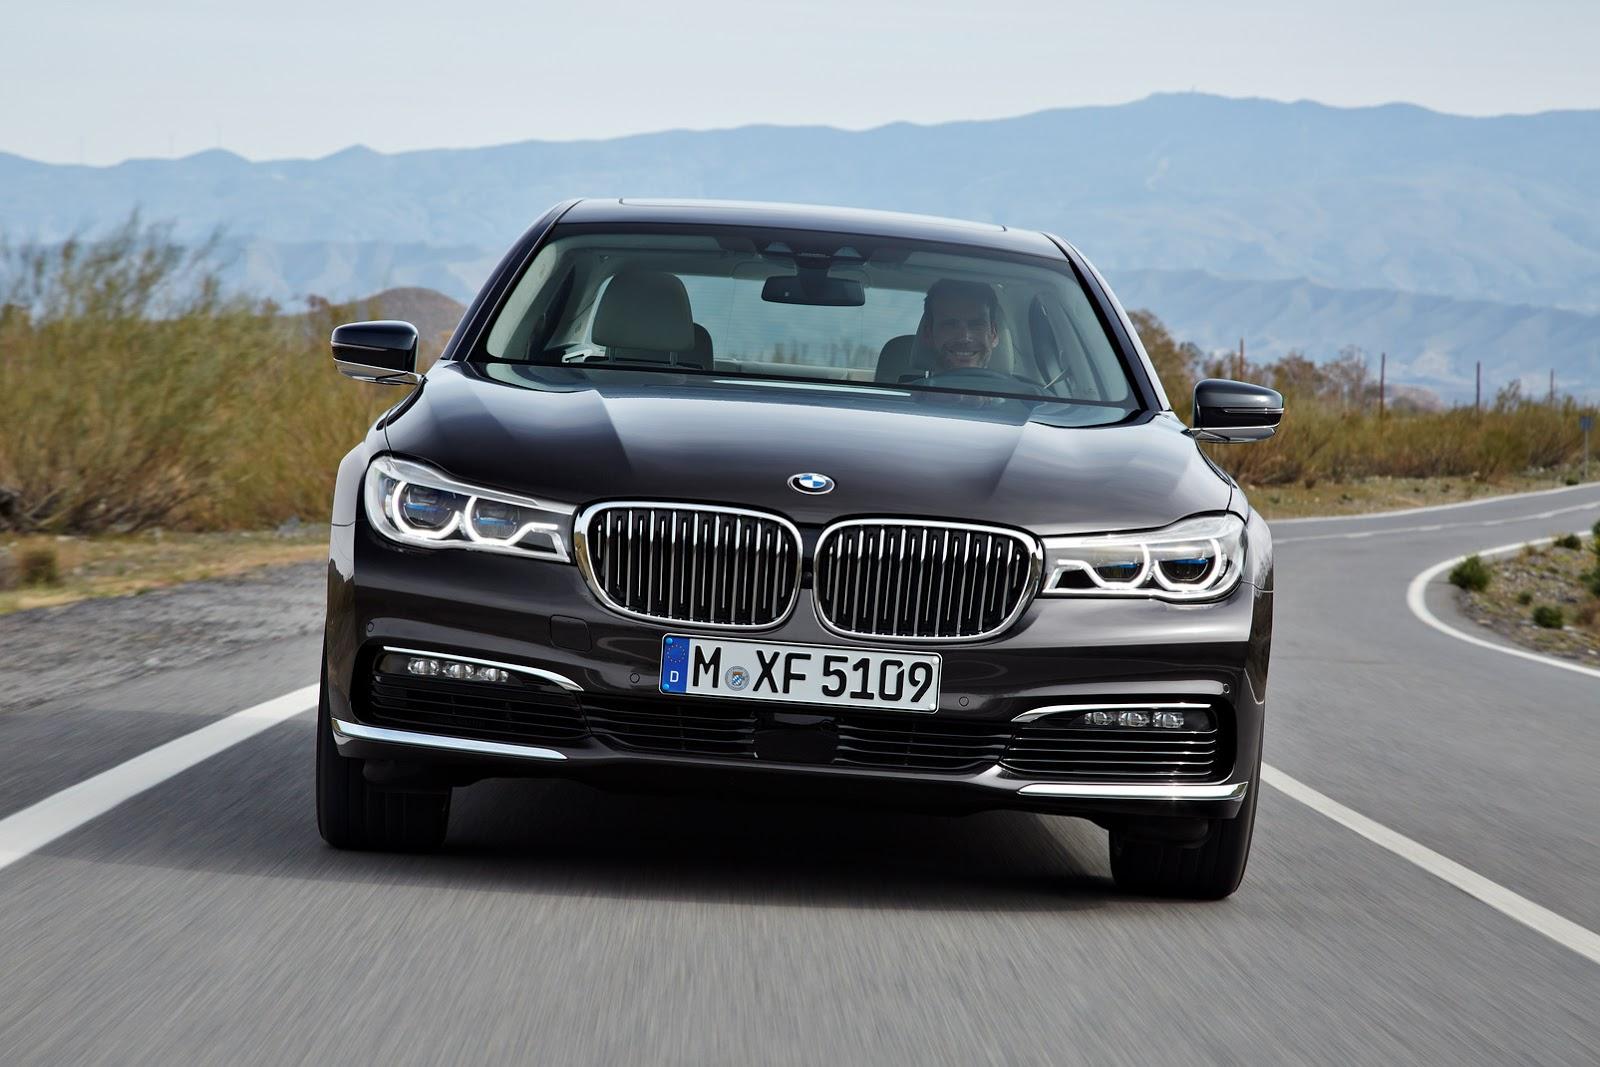 2016-BMW-7-Series-New16 புதிய பிஎம்டபிள்யூ 7 சீரிஸ் அறிமுகம்